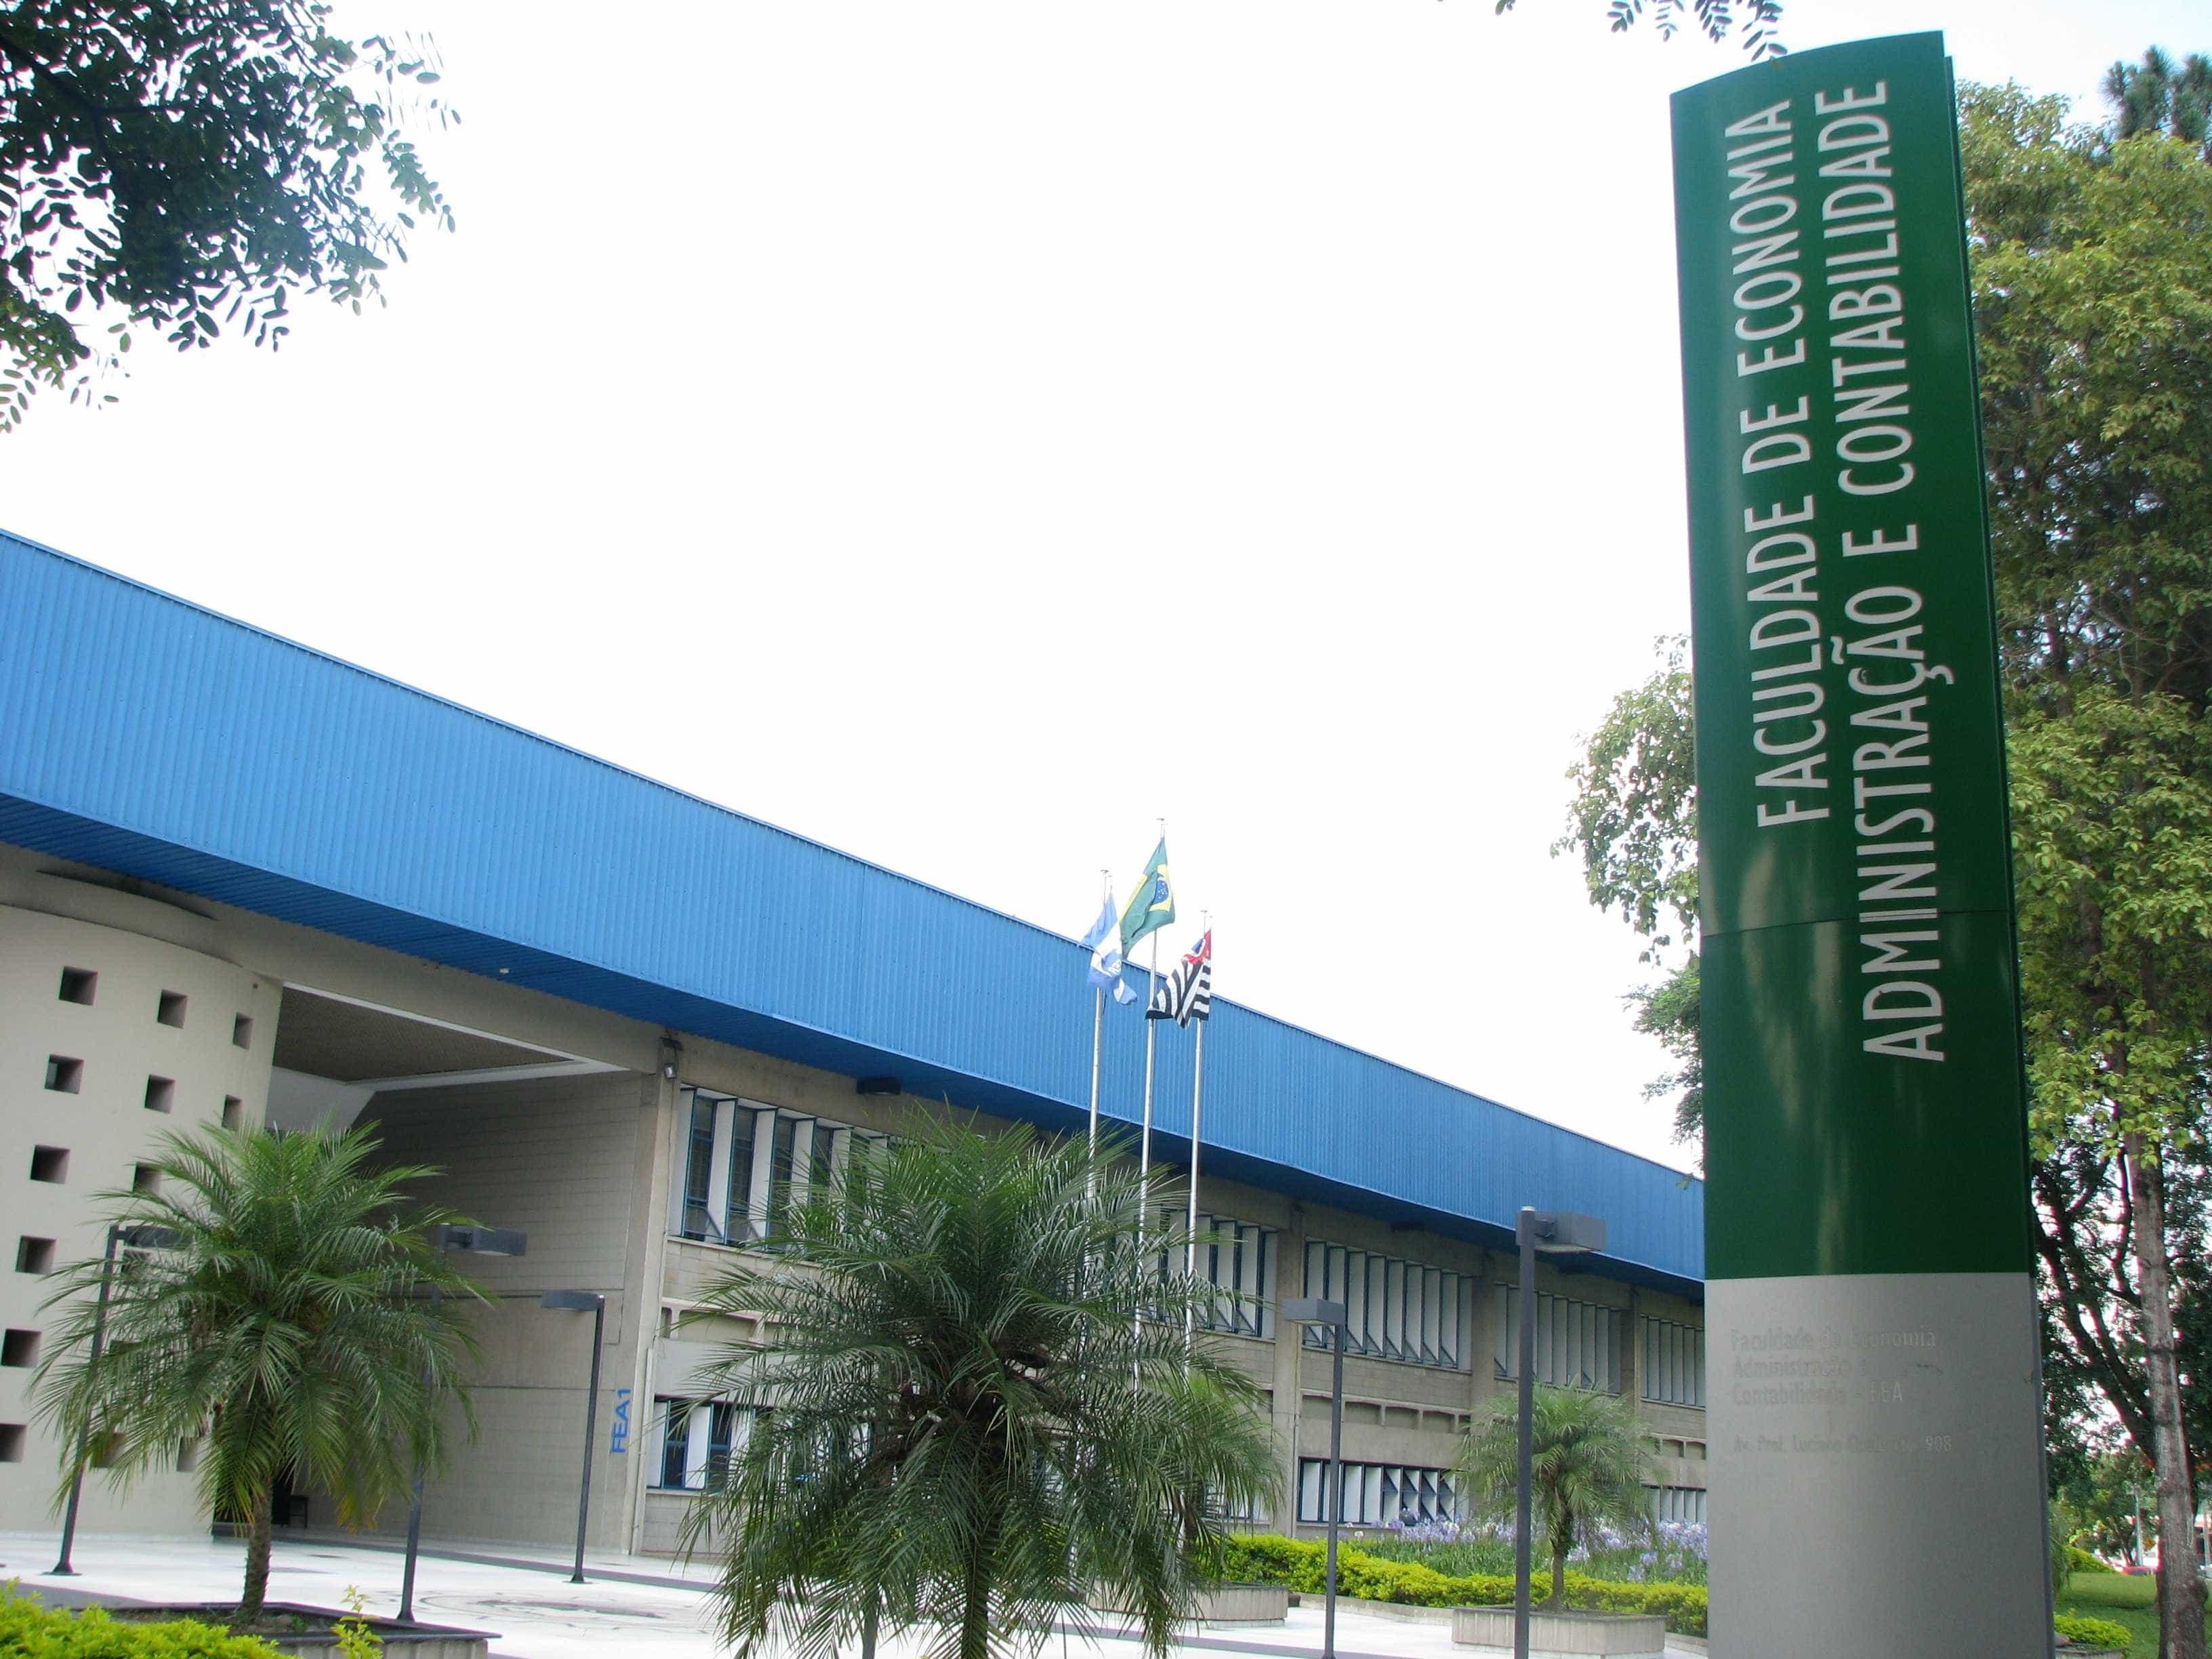 USP investiga quem são fãs de Bolsonaro armados em foto na faculdade